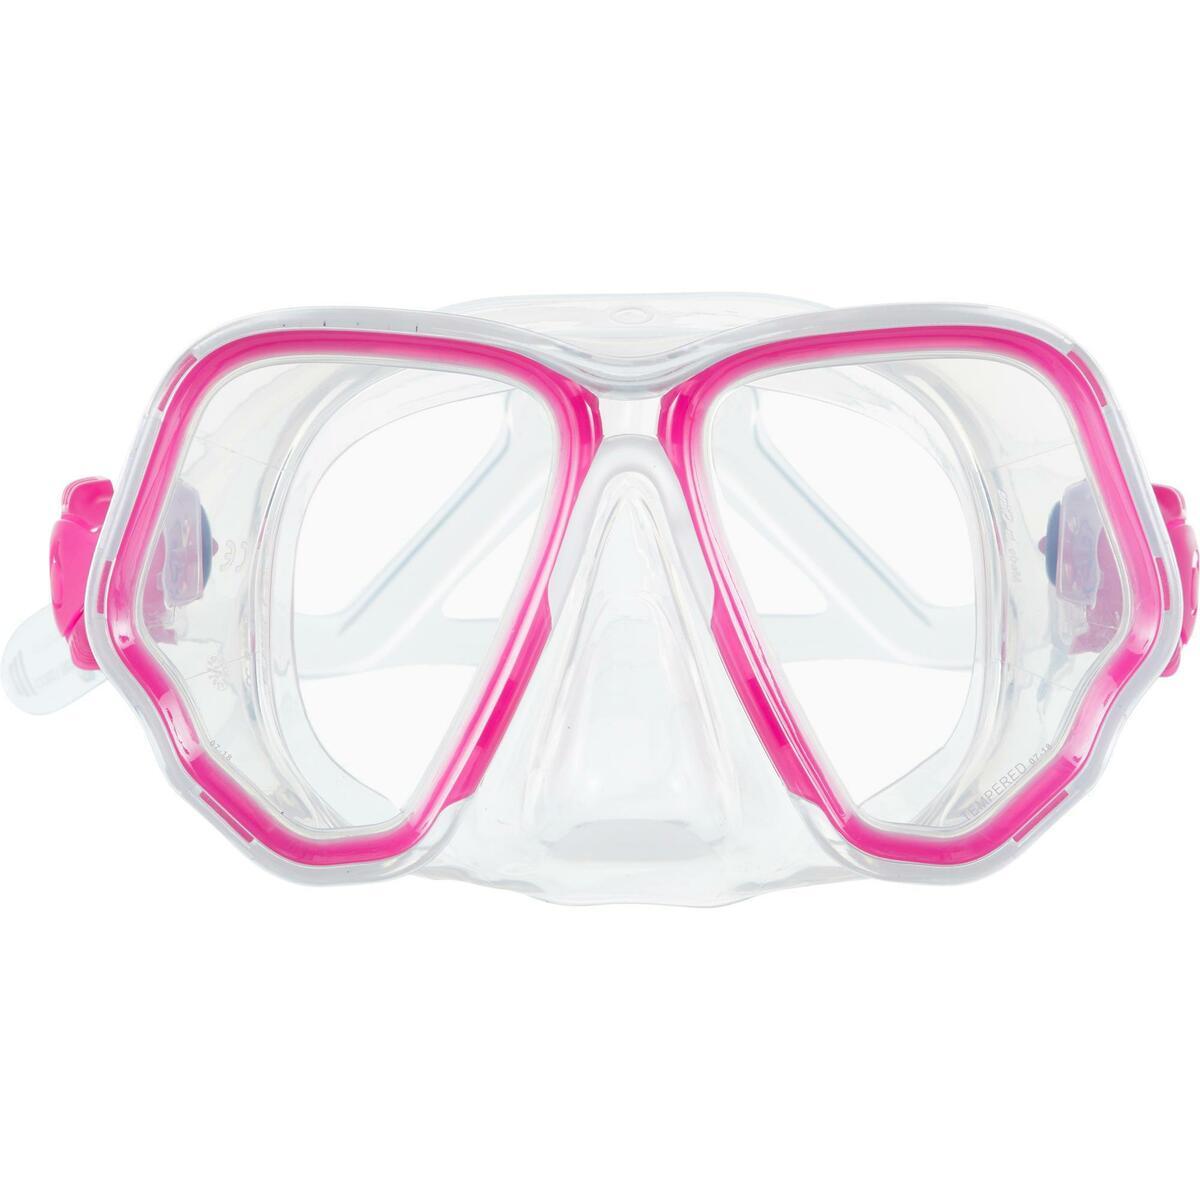 Bild 3 von Tauchmaske SCD 500 für Gerätetauchen cristal/rosa Zweiglas/Bi-Glas Tauchermaske